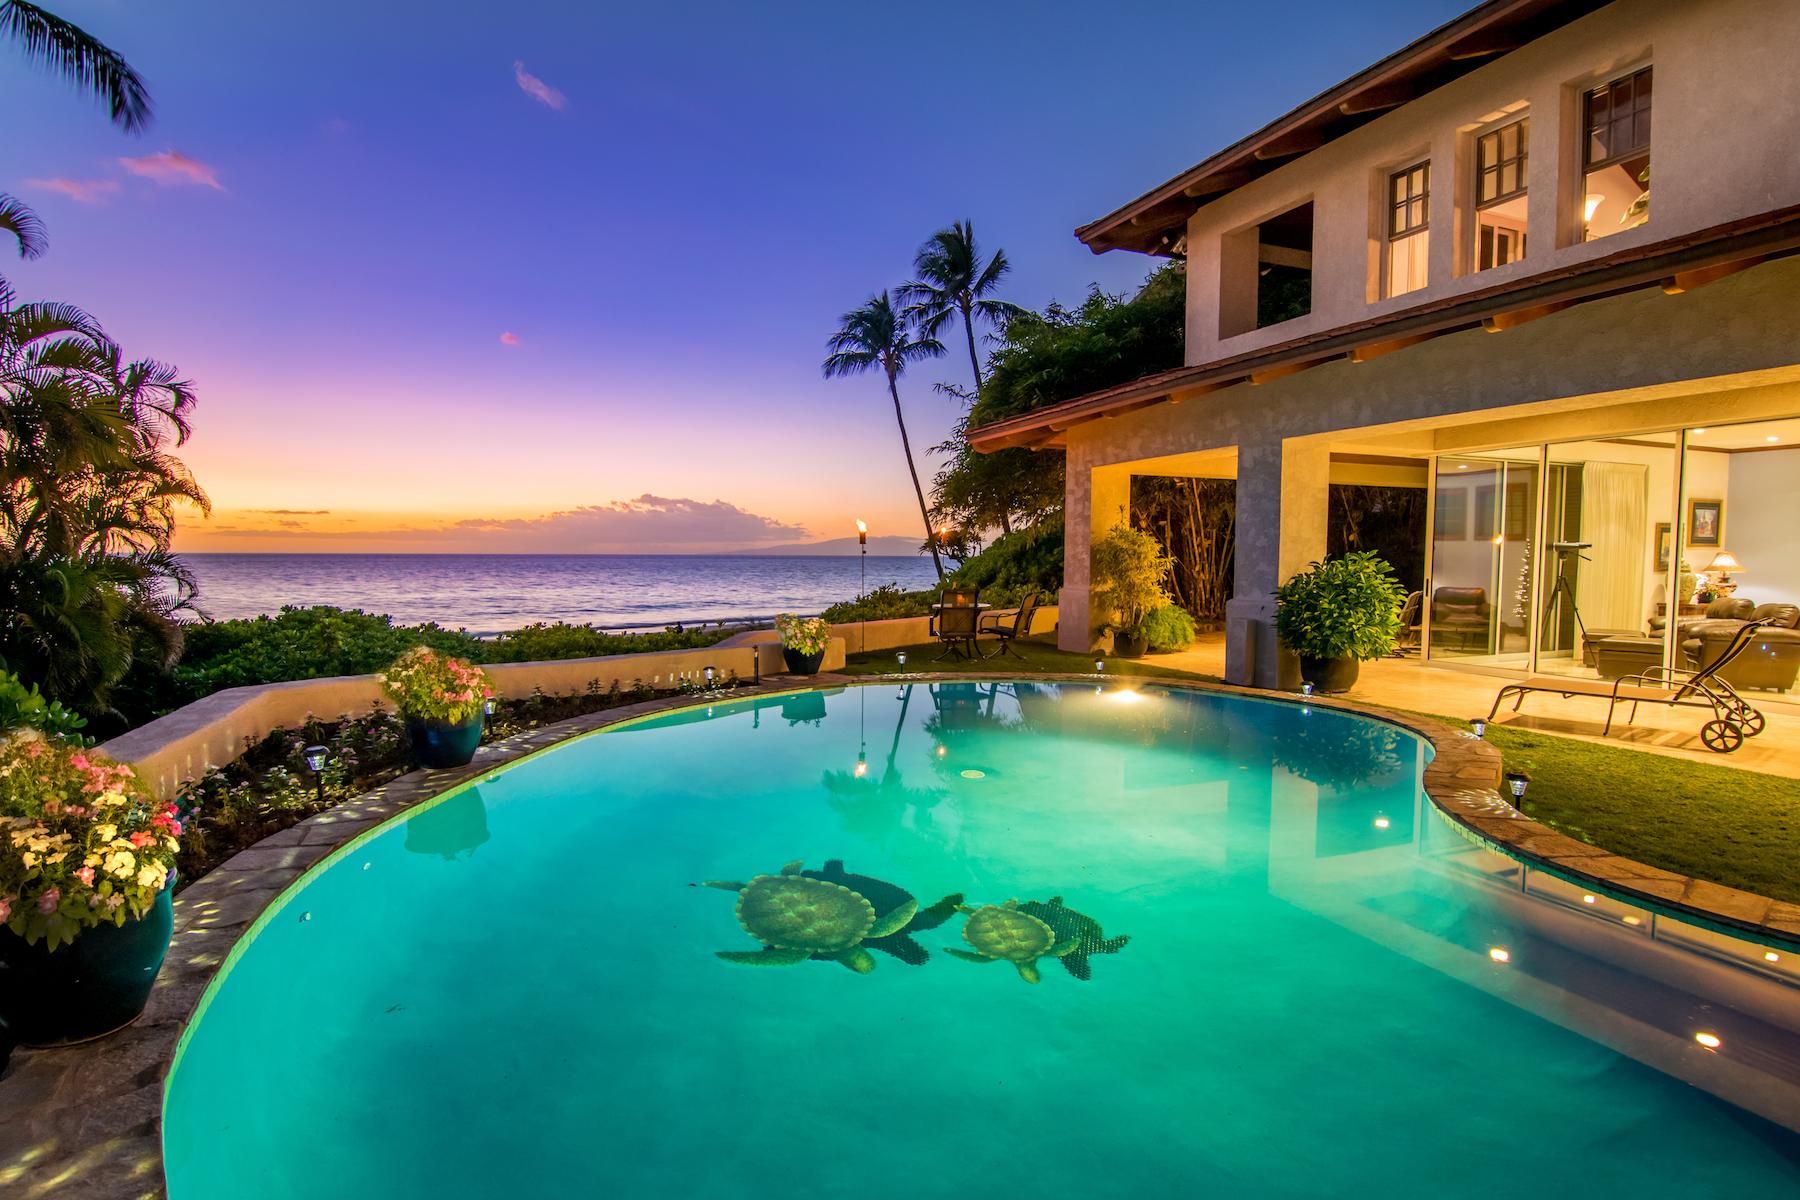 The Best of Maui Indoor-Outdoor Living